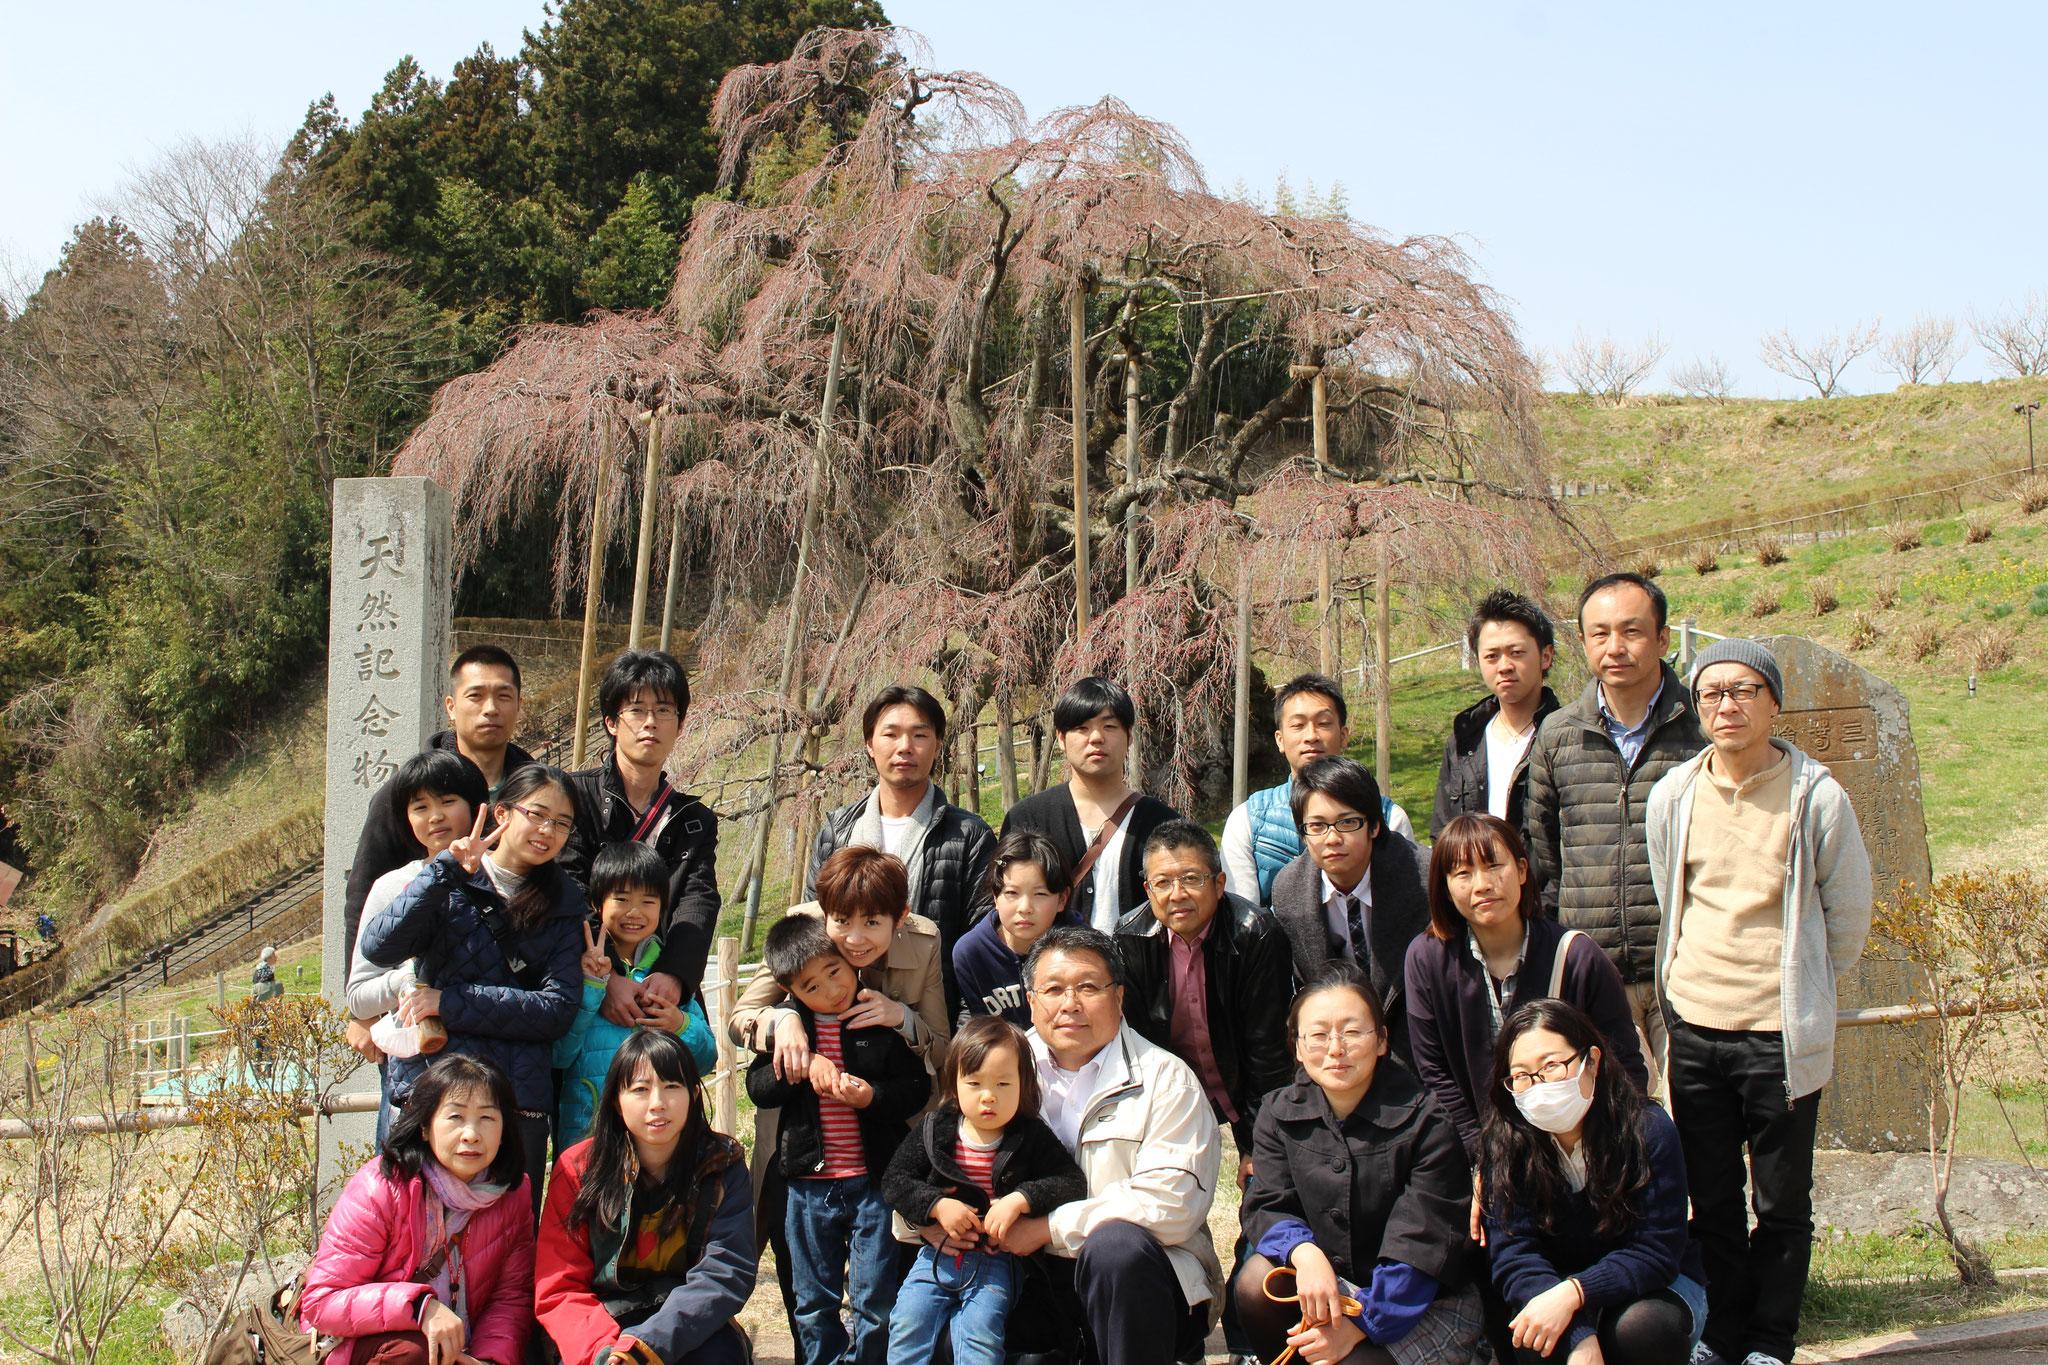 三春の滝桜前、先はじめでしたが迫力がありました。